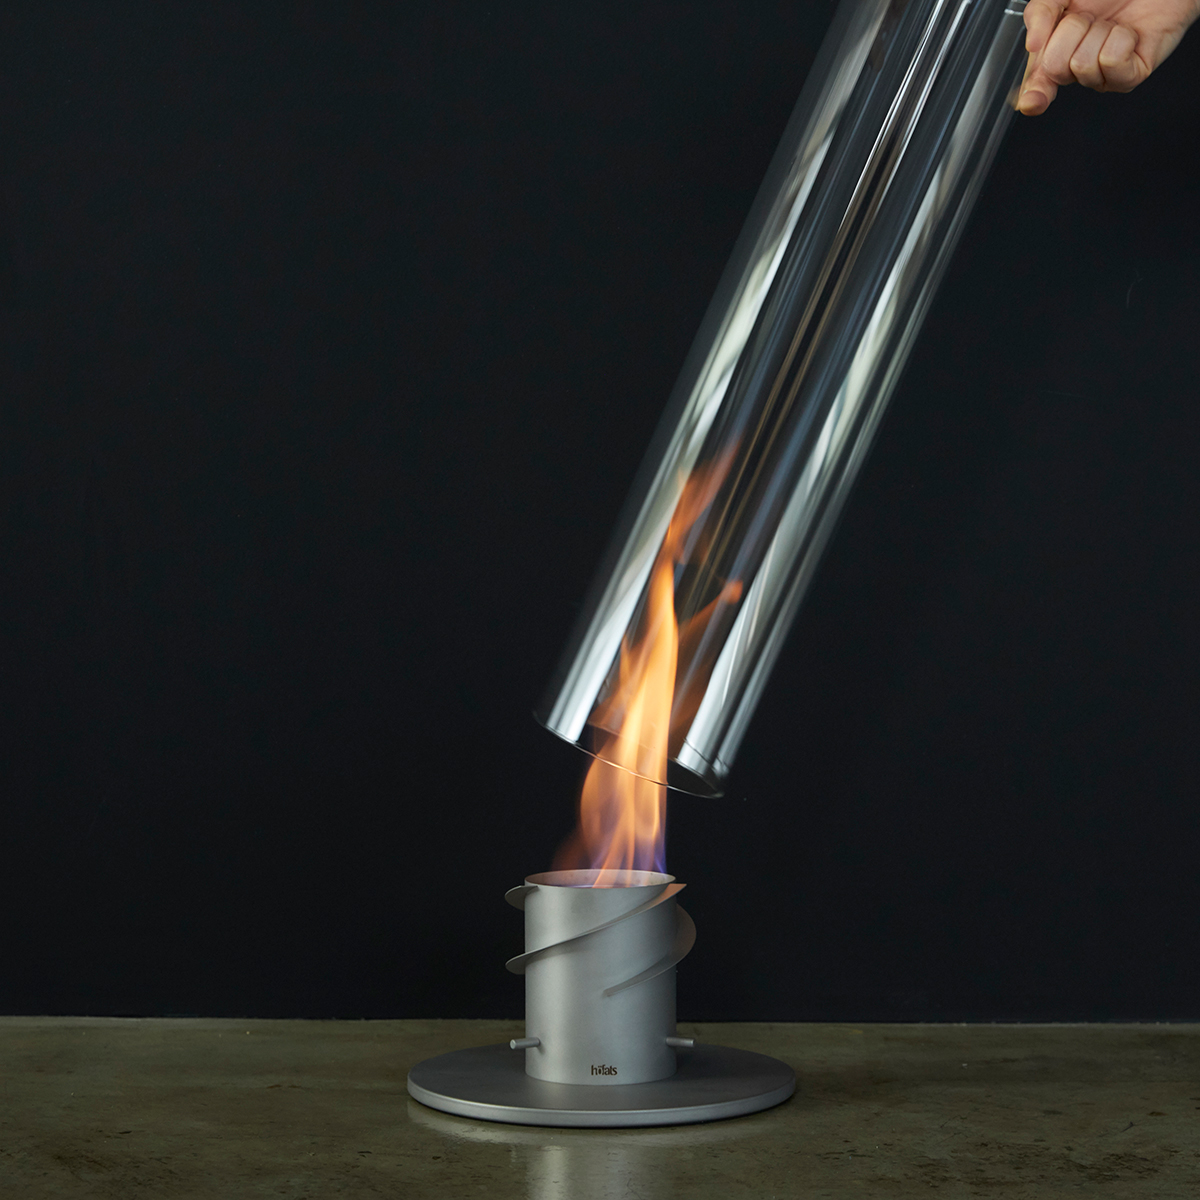 設置方法4|煙突効果で炎が廻りながら上昇!煙が出にくい安全燃料の「テーブルランタン&ガーデントーチ」|Hofats SPIN(ホーファッツ スピン)